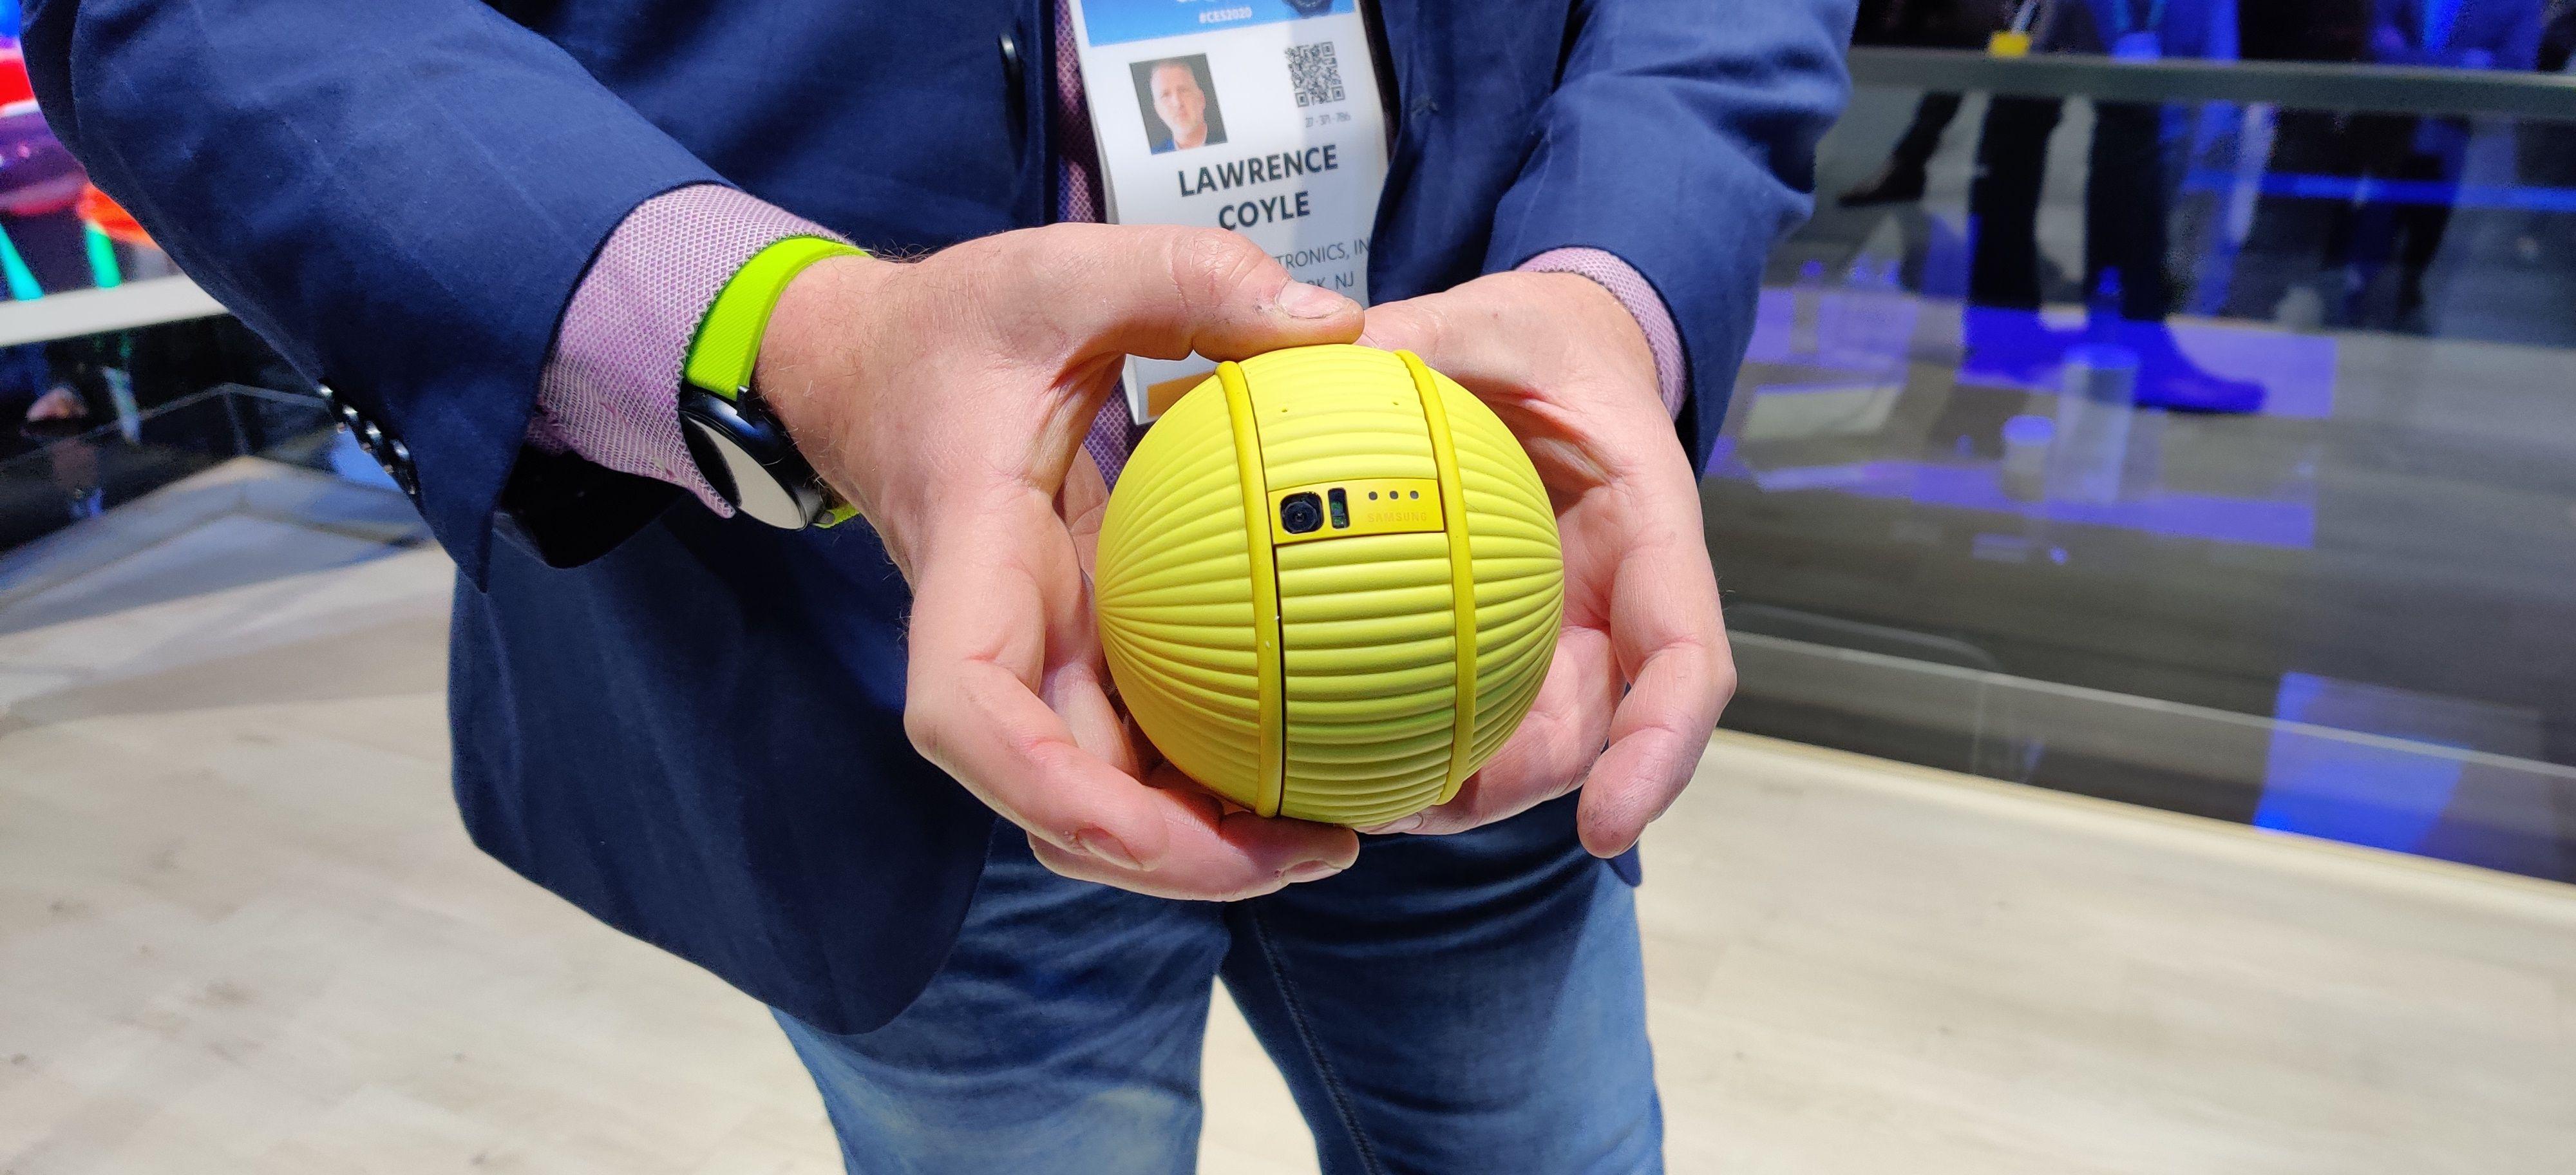 Denne lille ballen fra Samsung var en av flere roboter vi så på messegulvet. Takket være kunstig intelligens skal den også kunne ta avgjørelser som om det trengs å vaskes hjemme for deg, og utkommandere en vaskerobot dersom det trengs.